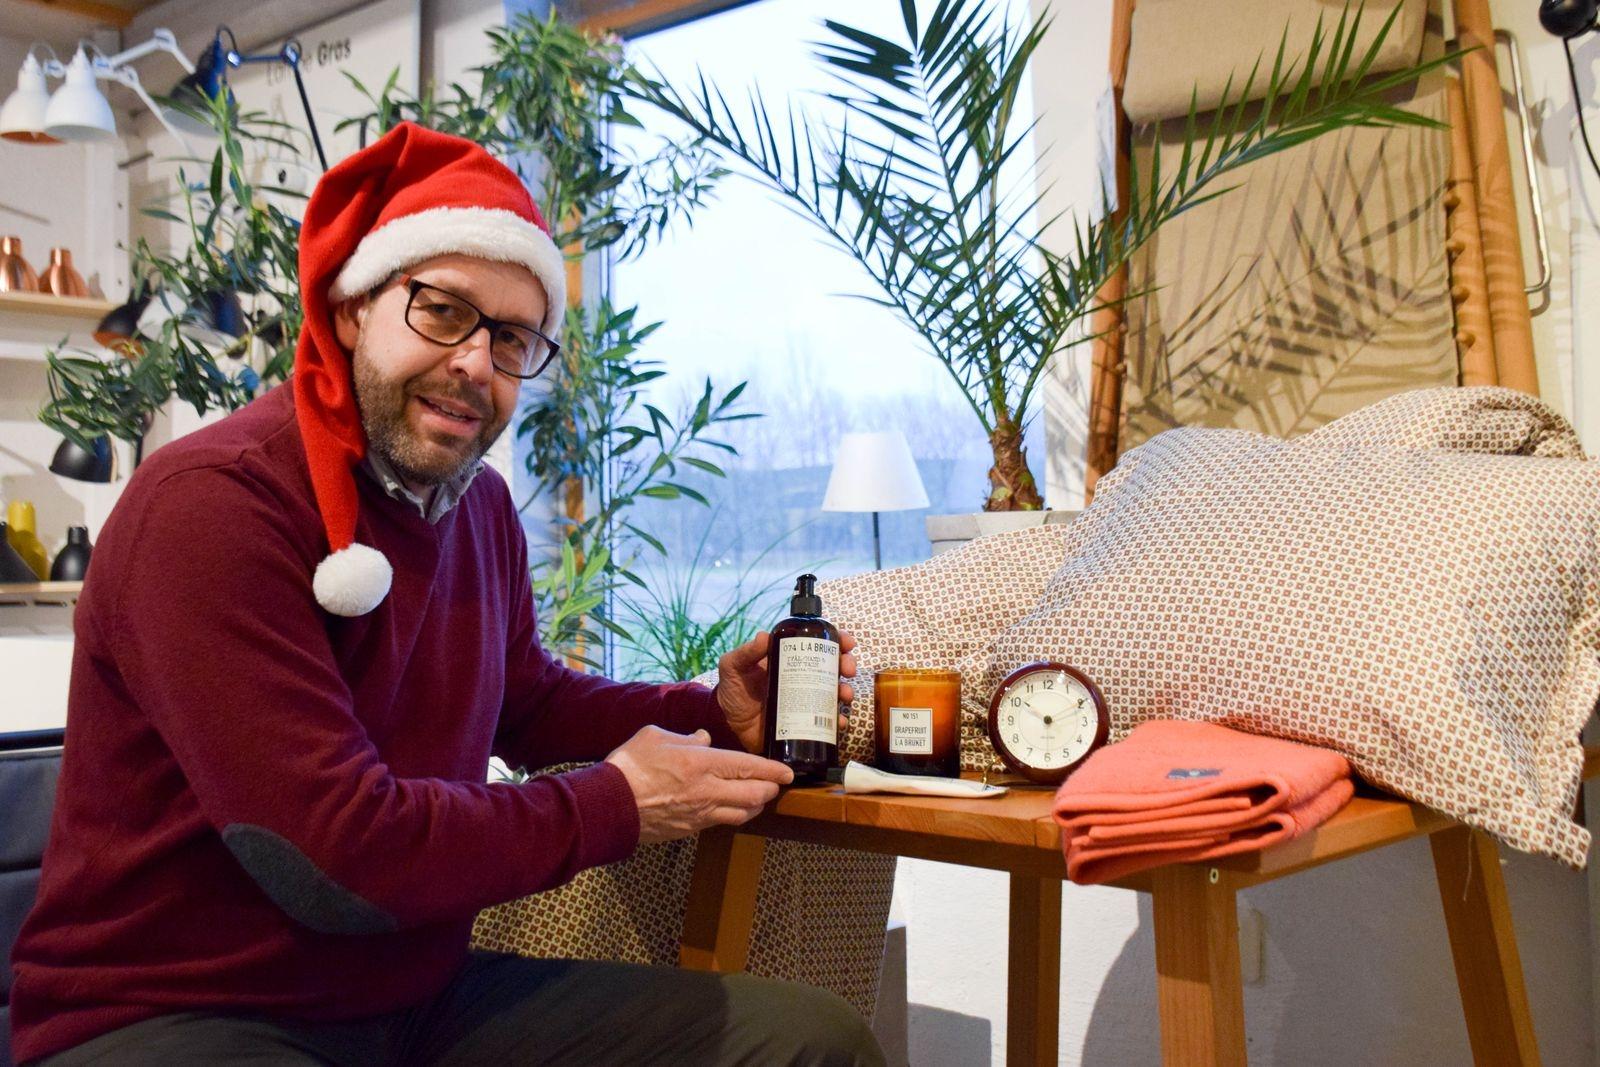 På Rödkillebäcksgård hittar du design och produkter som varar. Patrik Mårtenssons julklappstips är handduk eller bäddset av märket GANT. Tvål, kräm och doftljus från L:a Bruket eller kanske en stilren Arne Jacobsen väckarklocka.